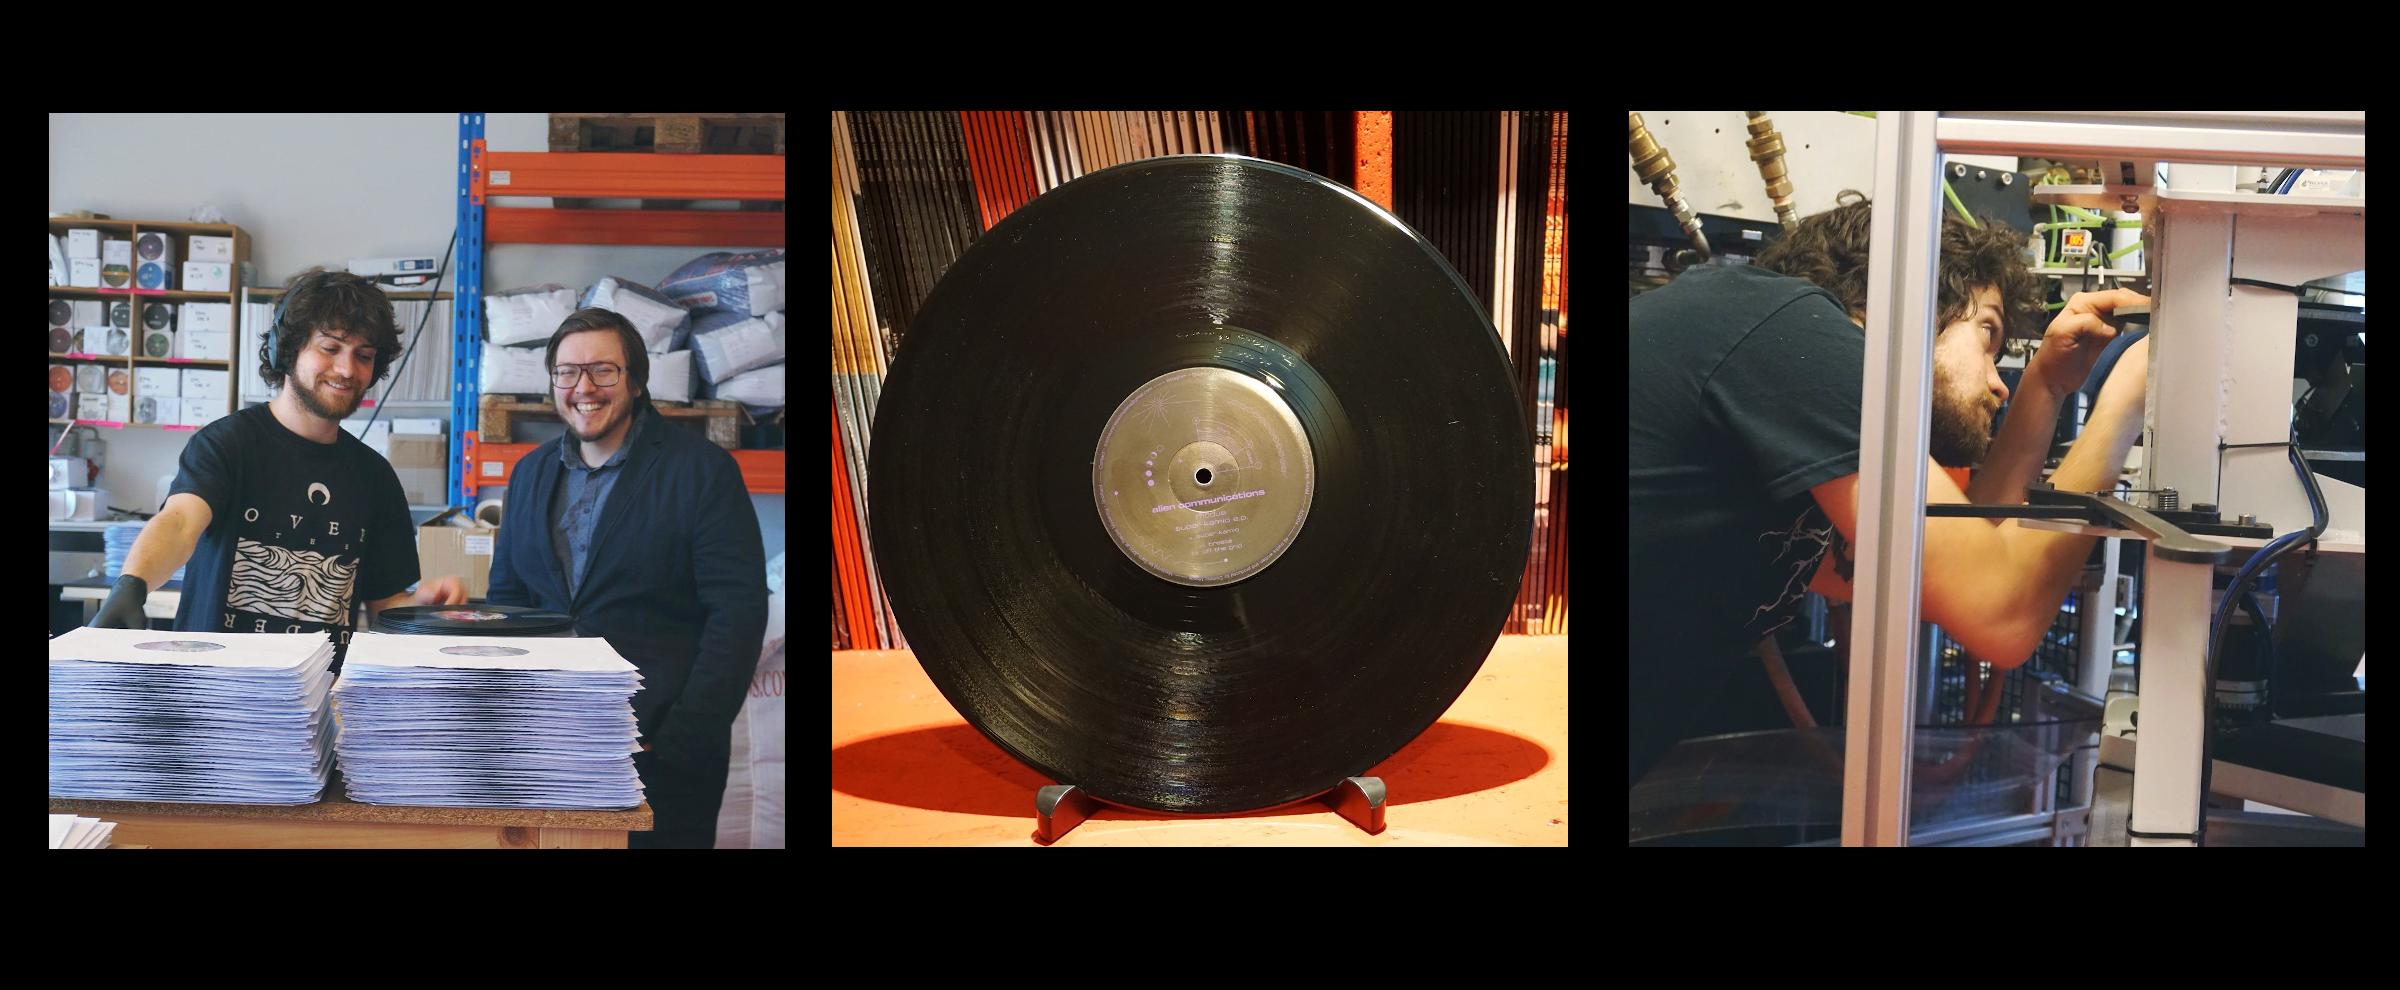 rpm records